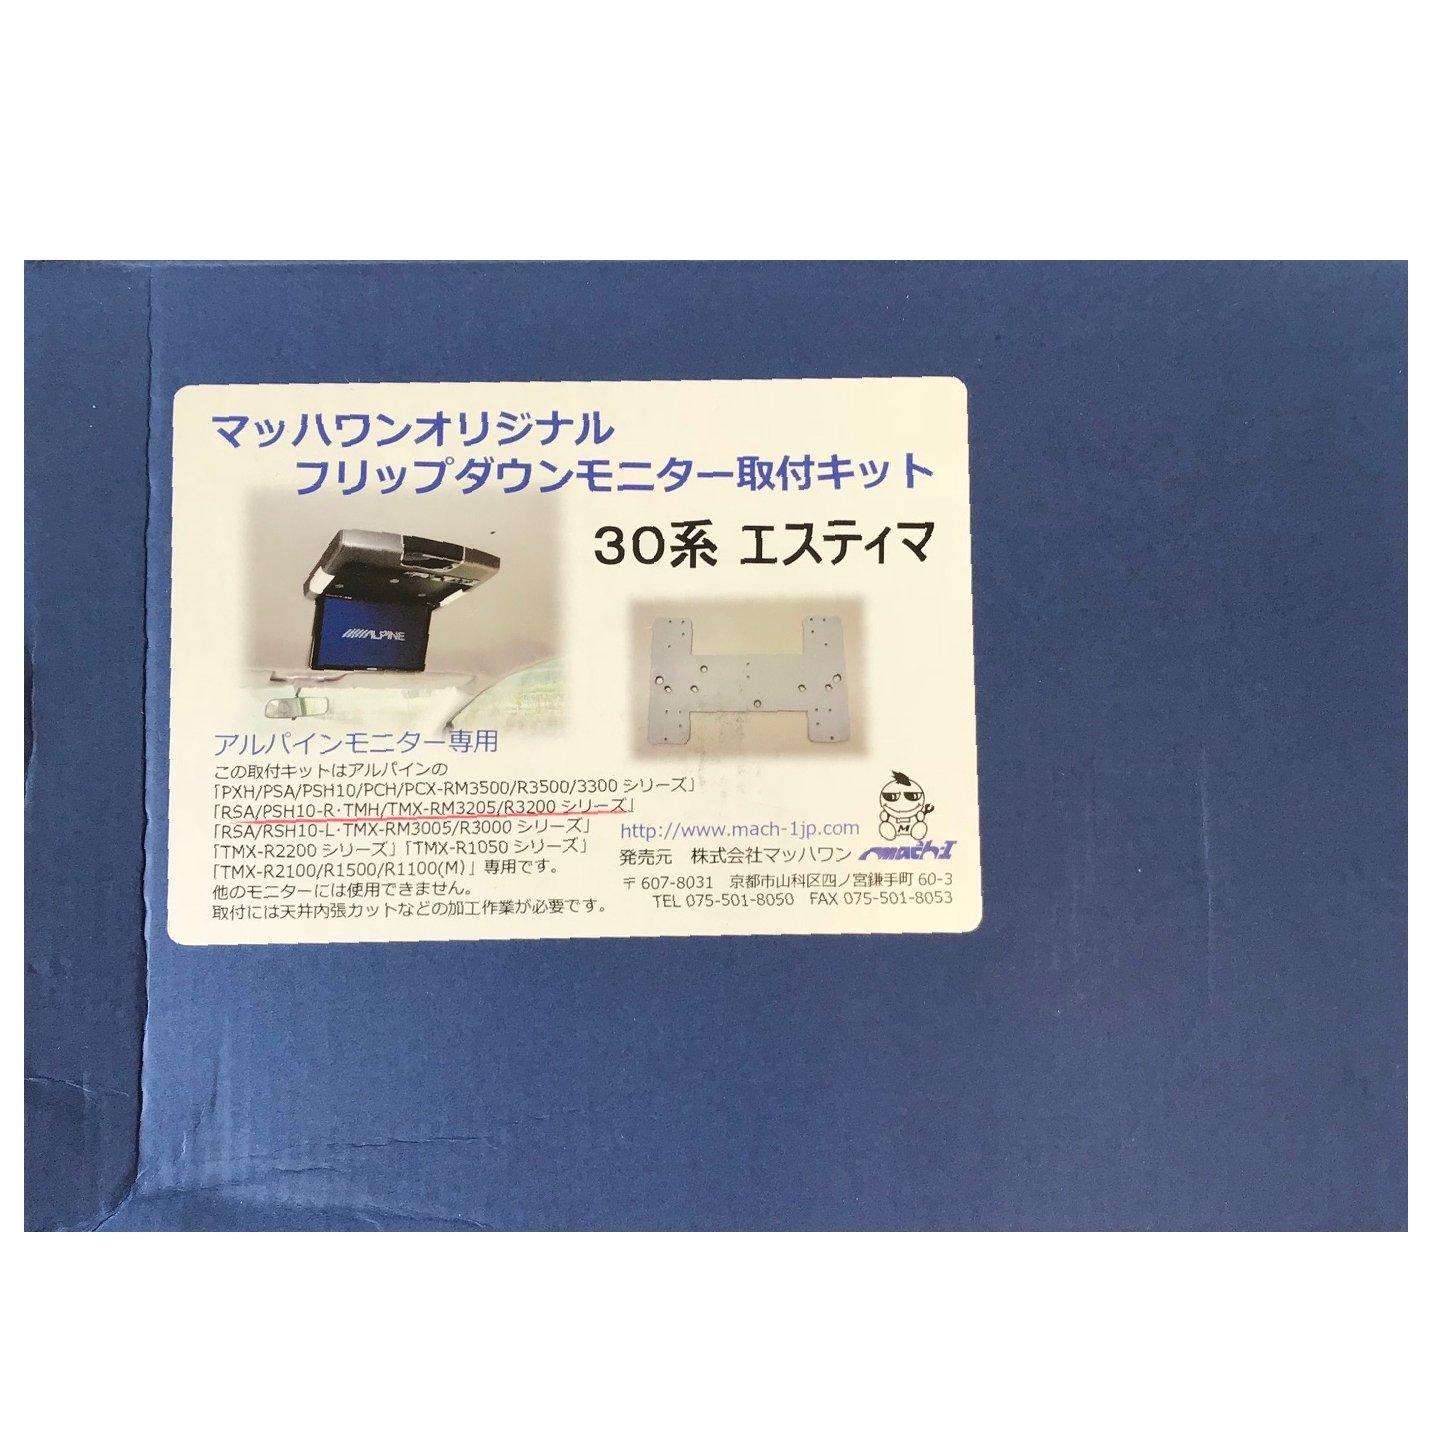 【マッハワン】フリップダウンモニター取付キット 30系エスティマ ALPINE「RSA/PSH10-RTMH/TMX-RM3205/R3200シリーズ」」シリーズ用 B07D46SCDN